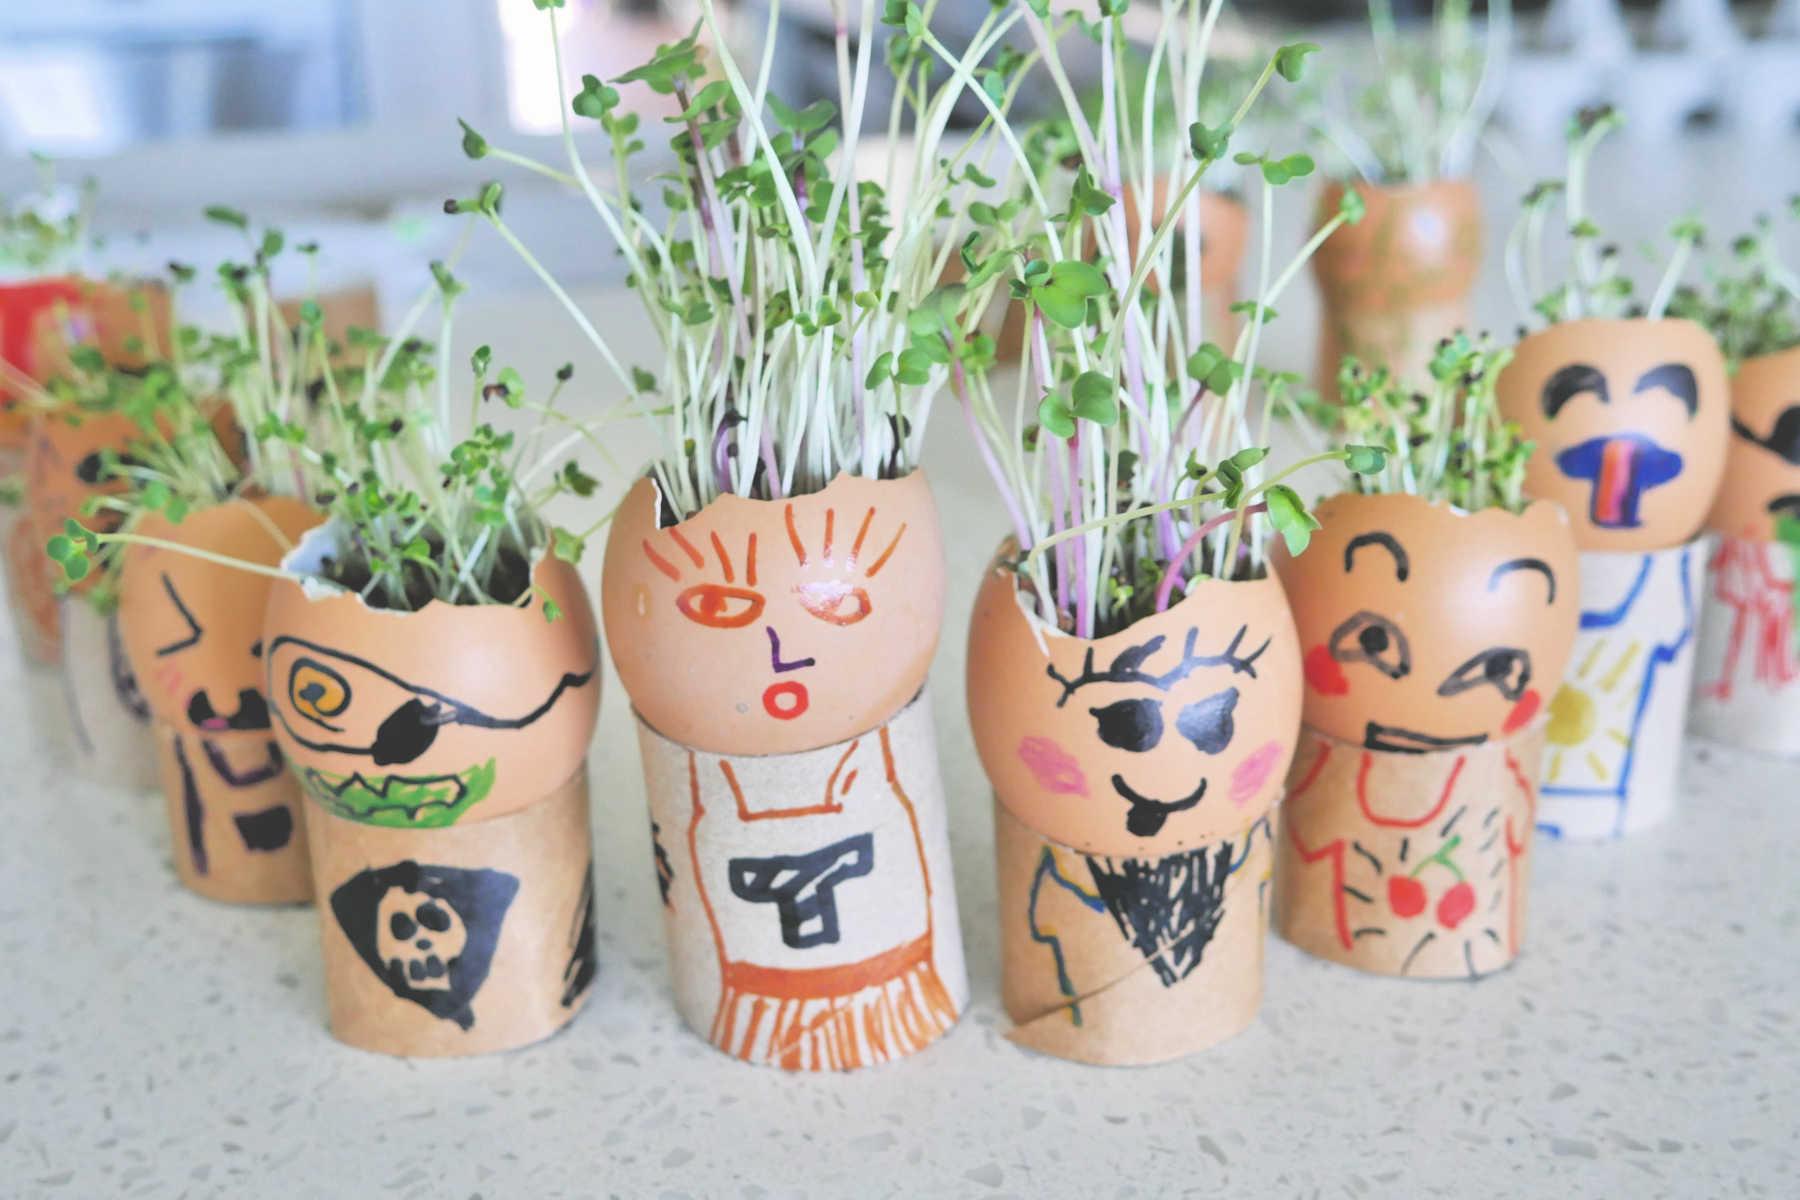 grow-eggheads